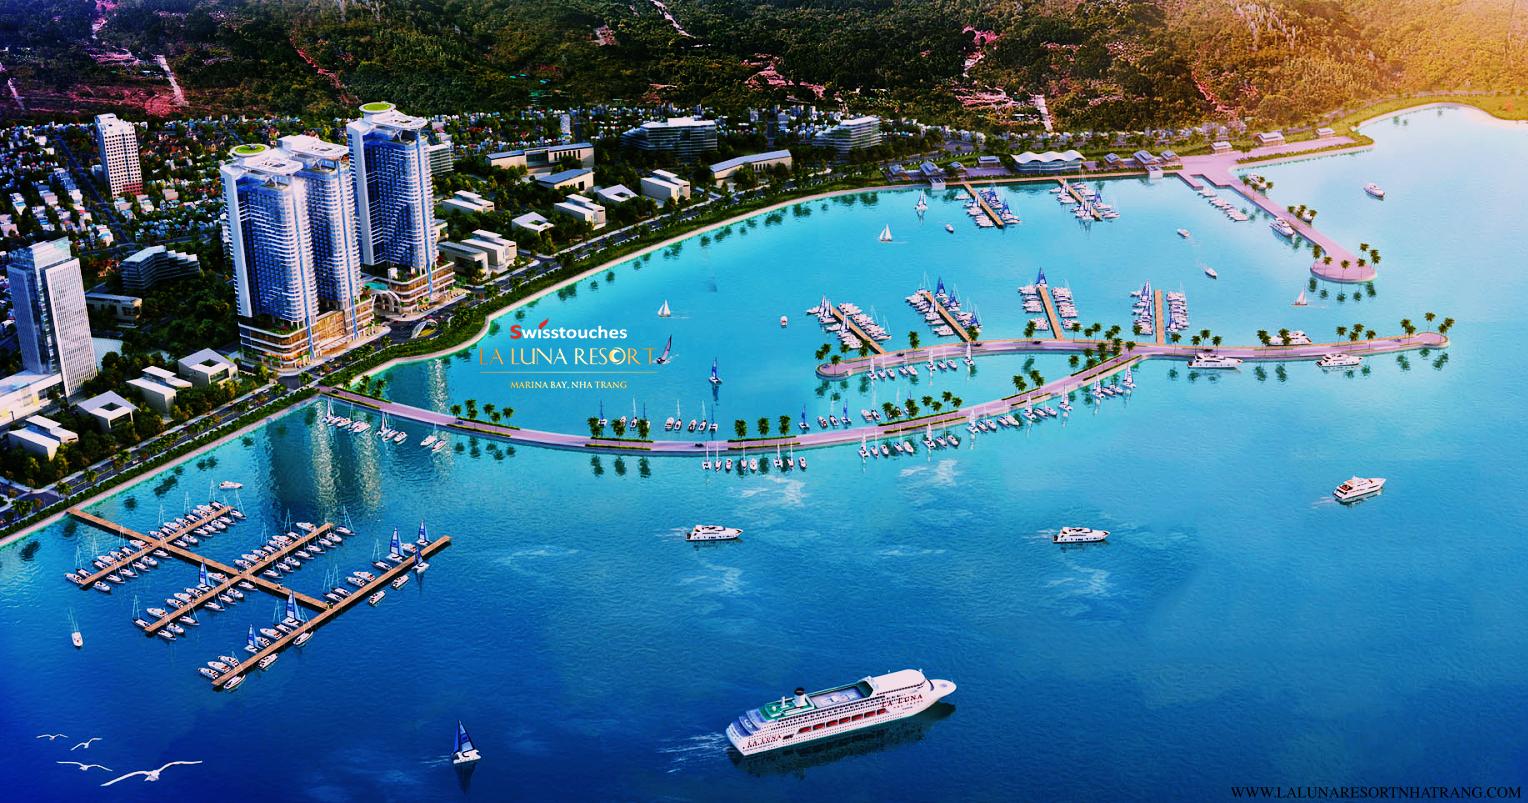 Trải nghiệm sống hoàn hảo tại La Luna Resort Nha Trang